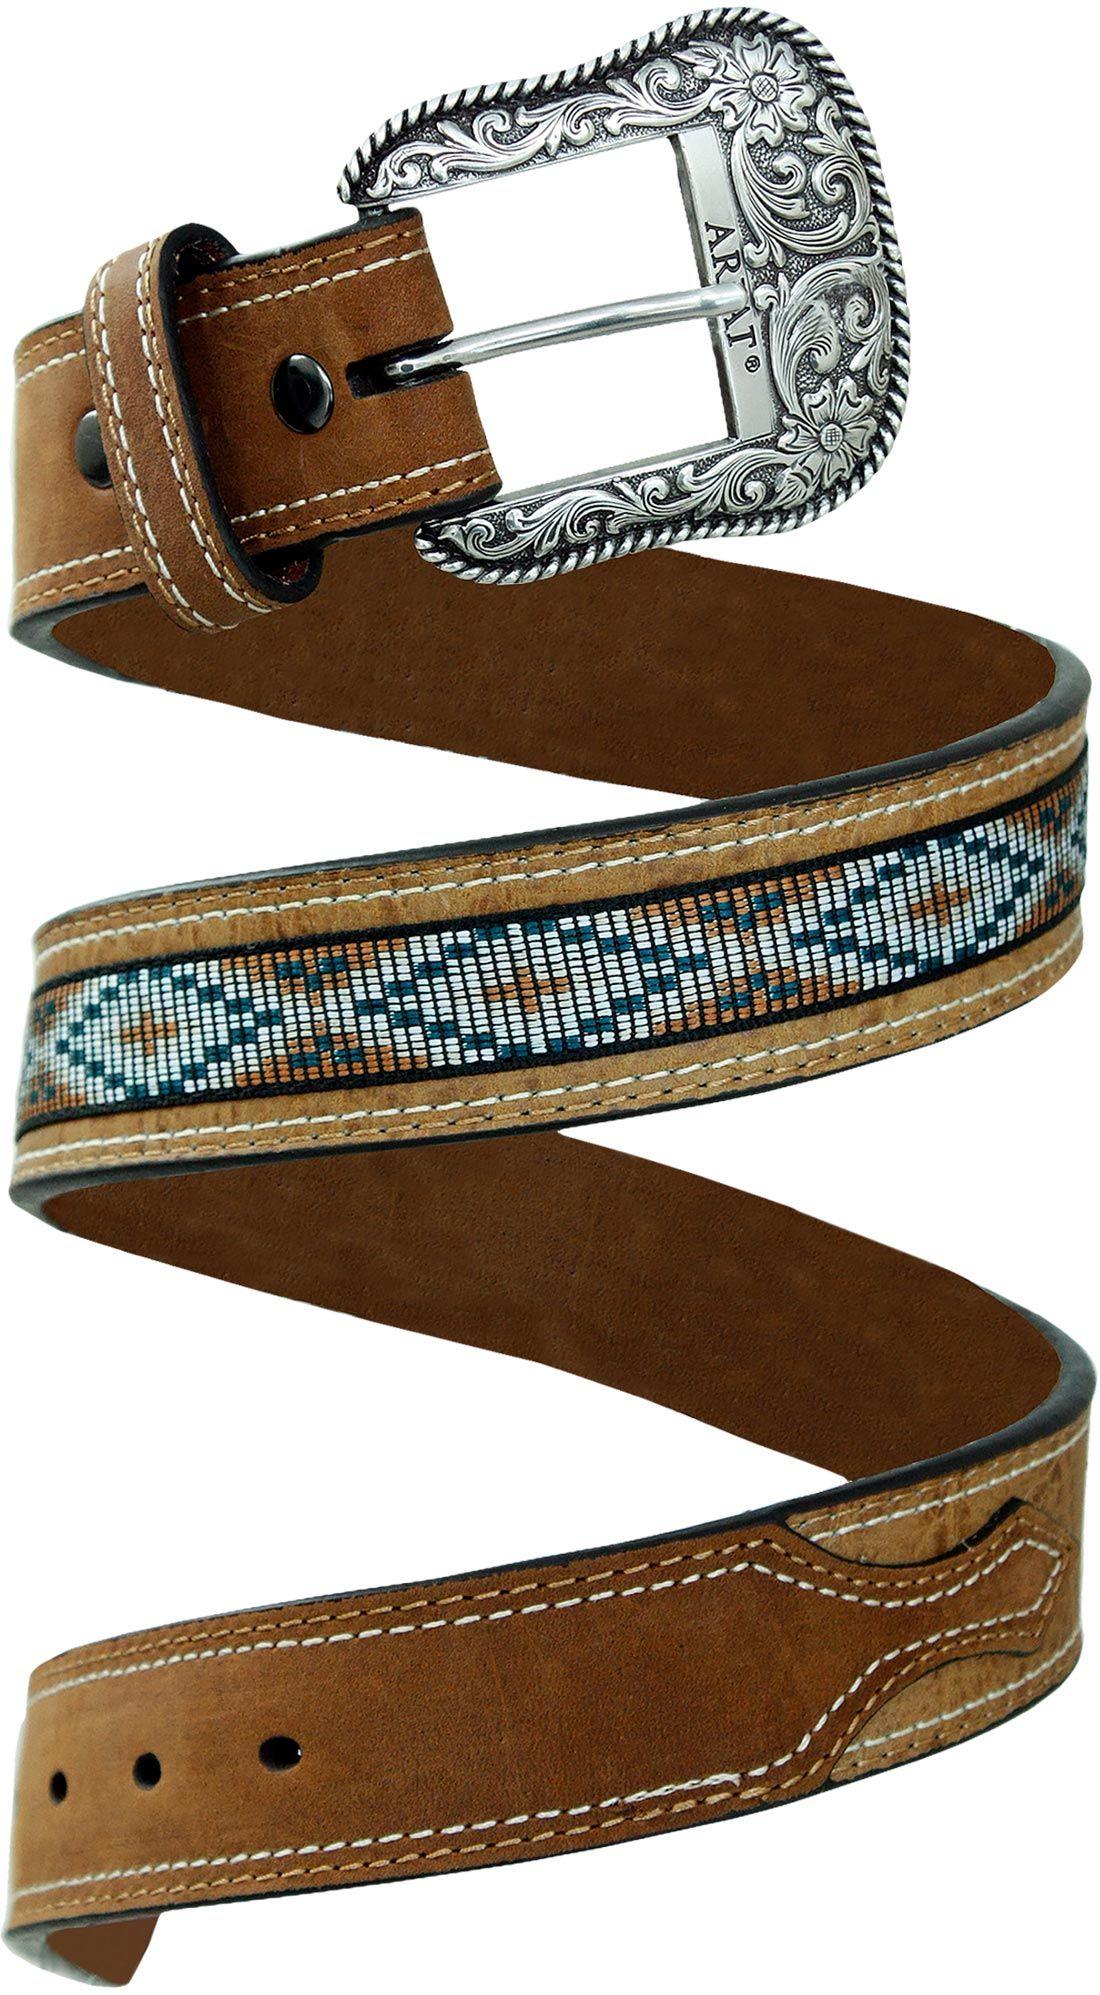 b3c129cb4 Cinto Ariat Indígena Masculino com Rebites cinto masculino Ariat em couro  com desenho estilo indígena e